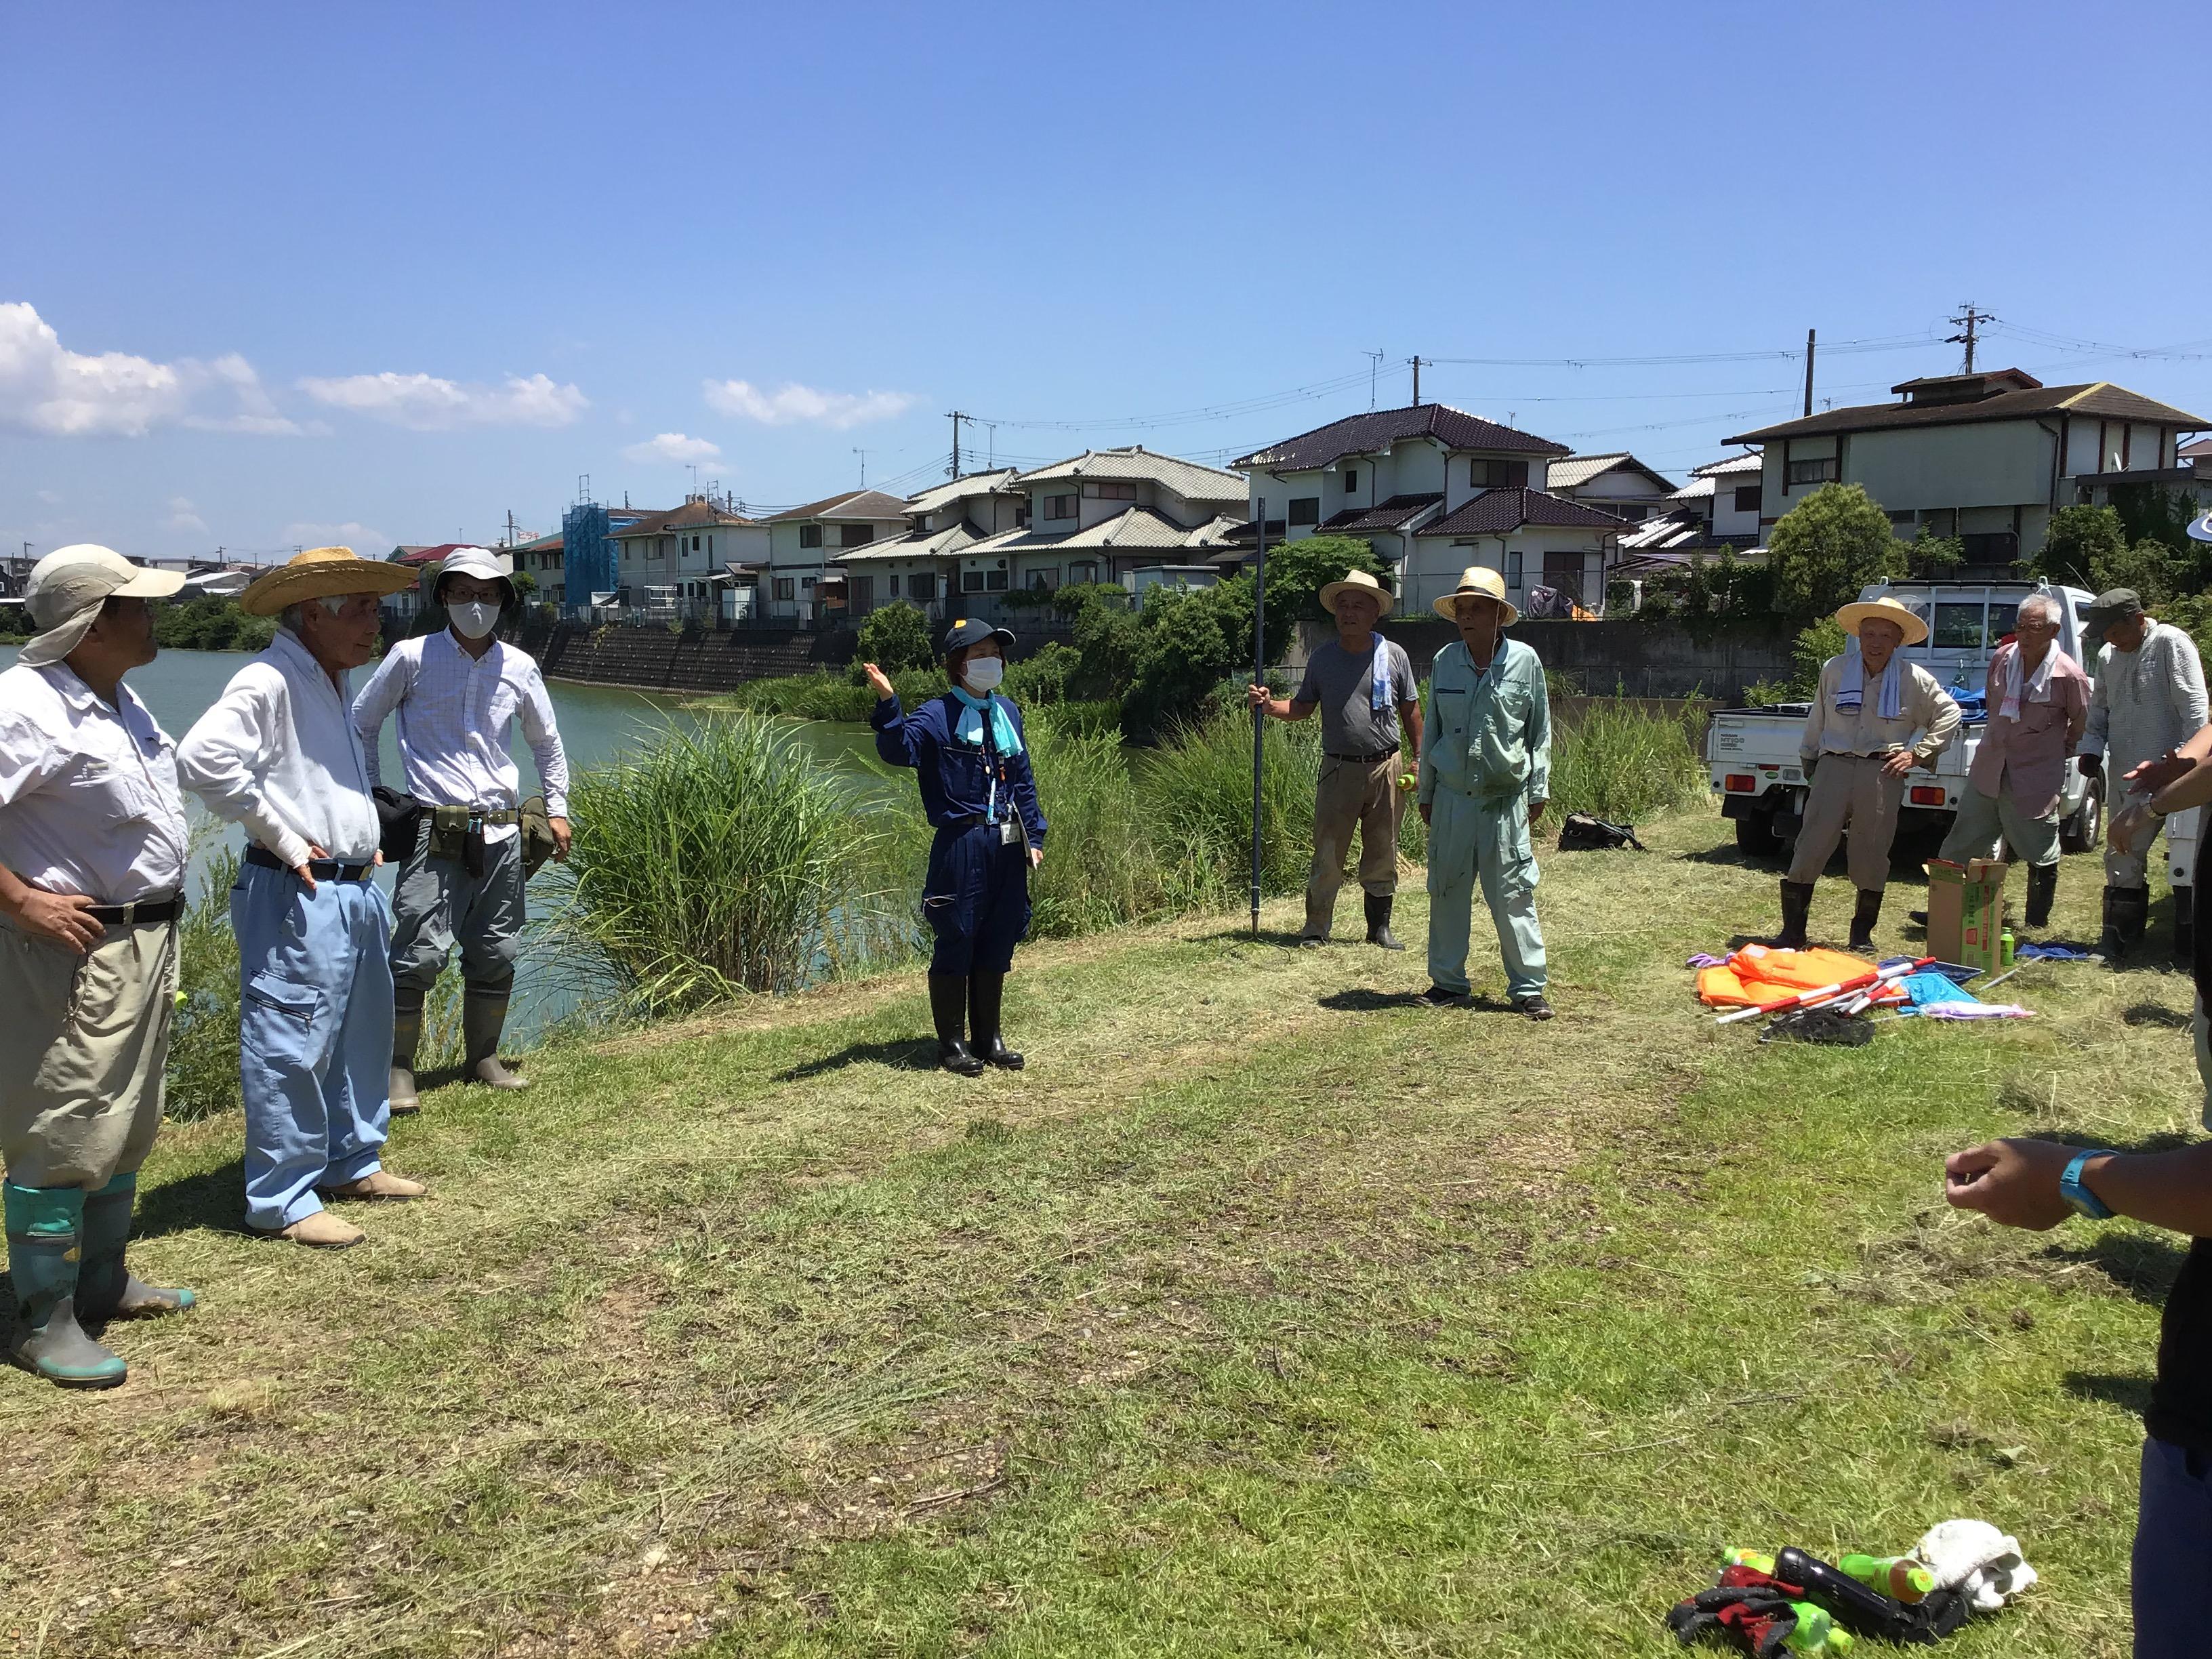 作業が終了し、参加者にお礼の挨拶をする明石市農水産課の濱田さん(中央の青い服)。猛暑の中、走り回っての作業フォロー本当にお疲れ様でした。西島の方々からの全幅の信頼を寄せているのが解る半日でした。